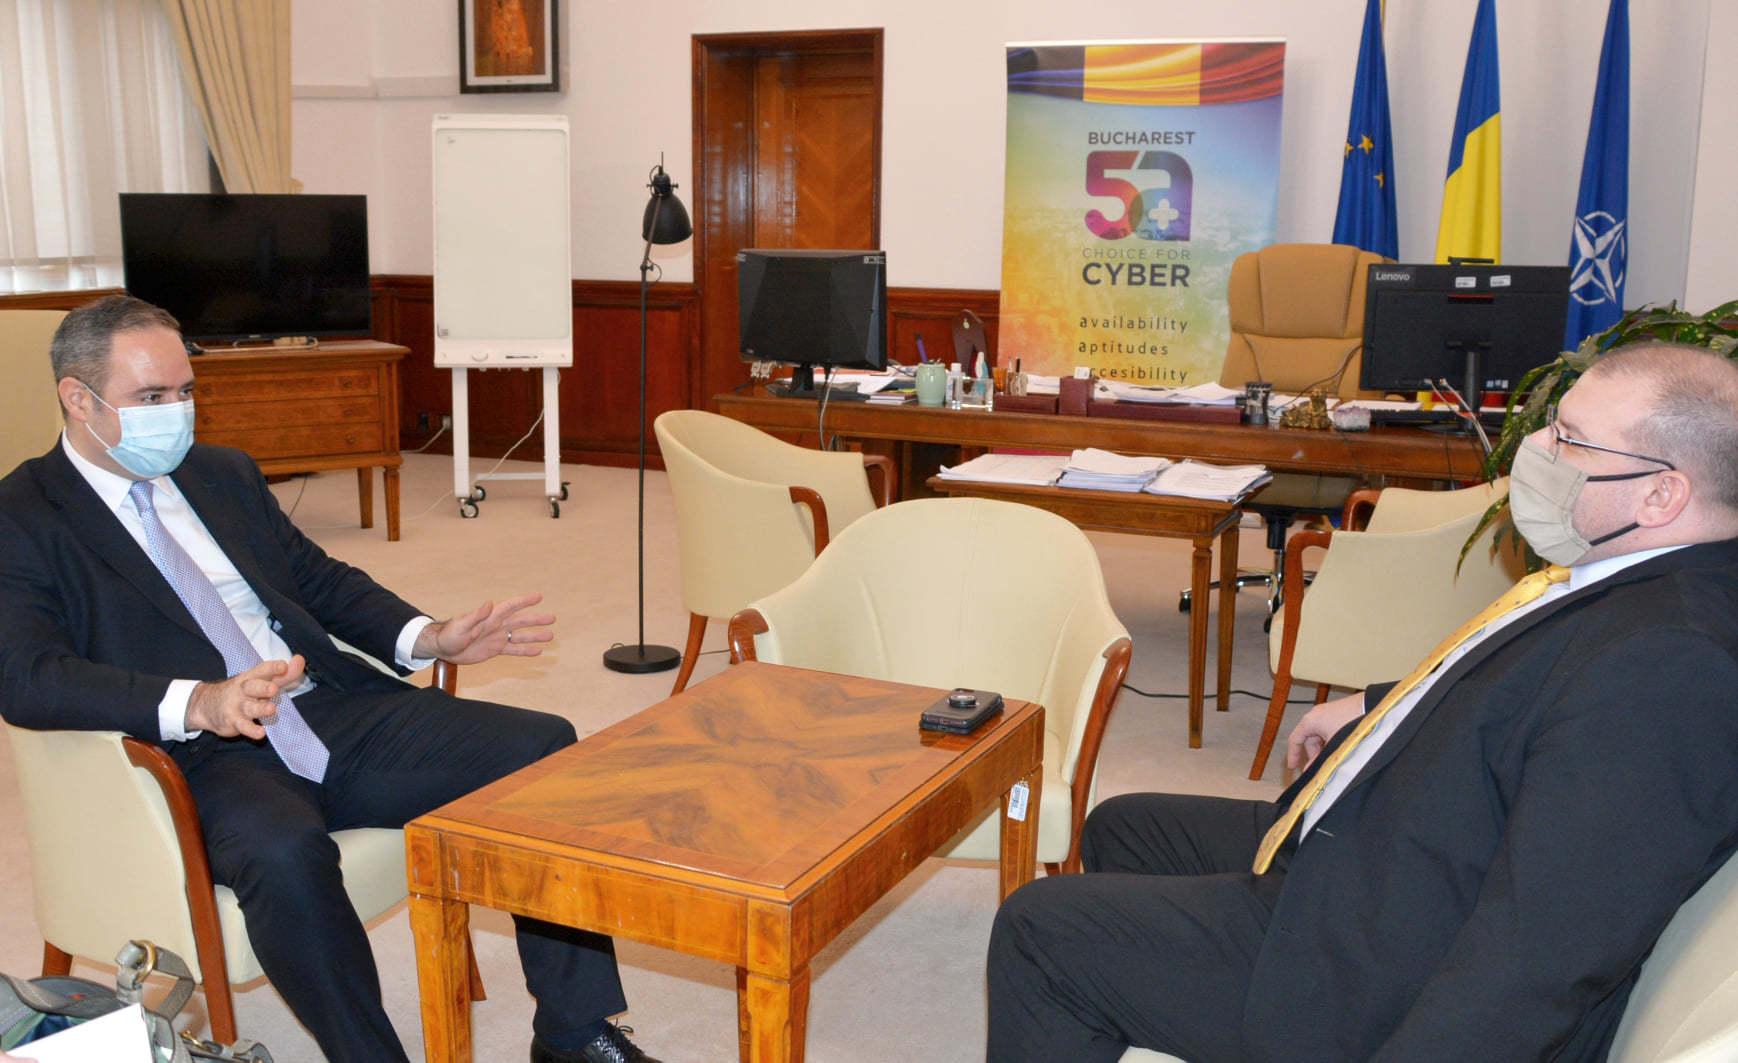 Alexandru Nazare, după o întâlnire cu reprezentanţi ai SUA la Bucureşti: Am reiterat interesul în găzduirea actorilor importanţi din piaţa farmaceutică pentru a putea dezvolta şi susţine producţia de vaccinuri în ţara noastră